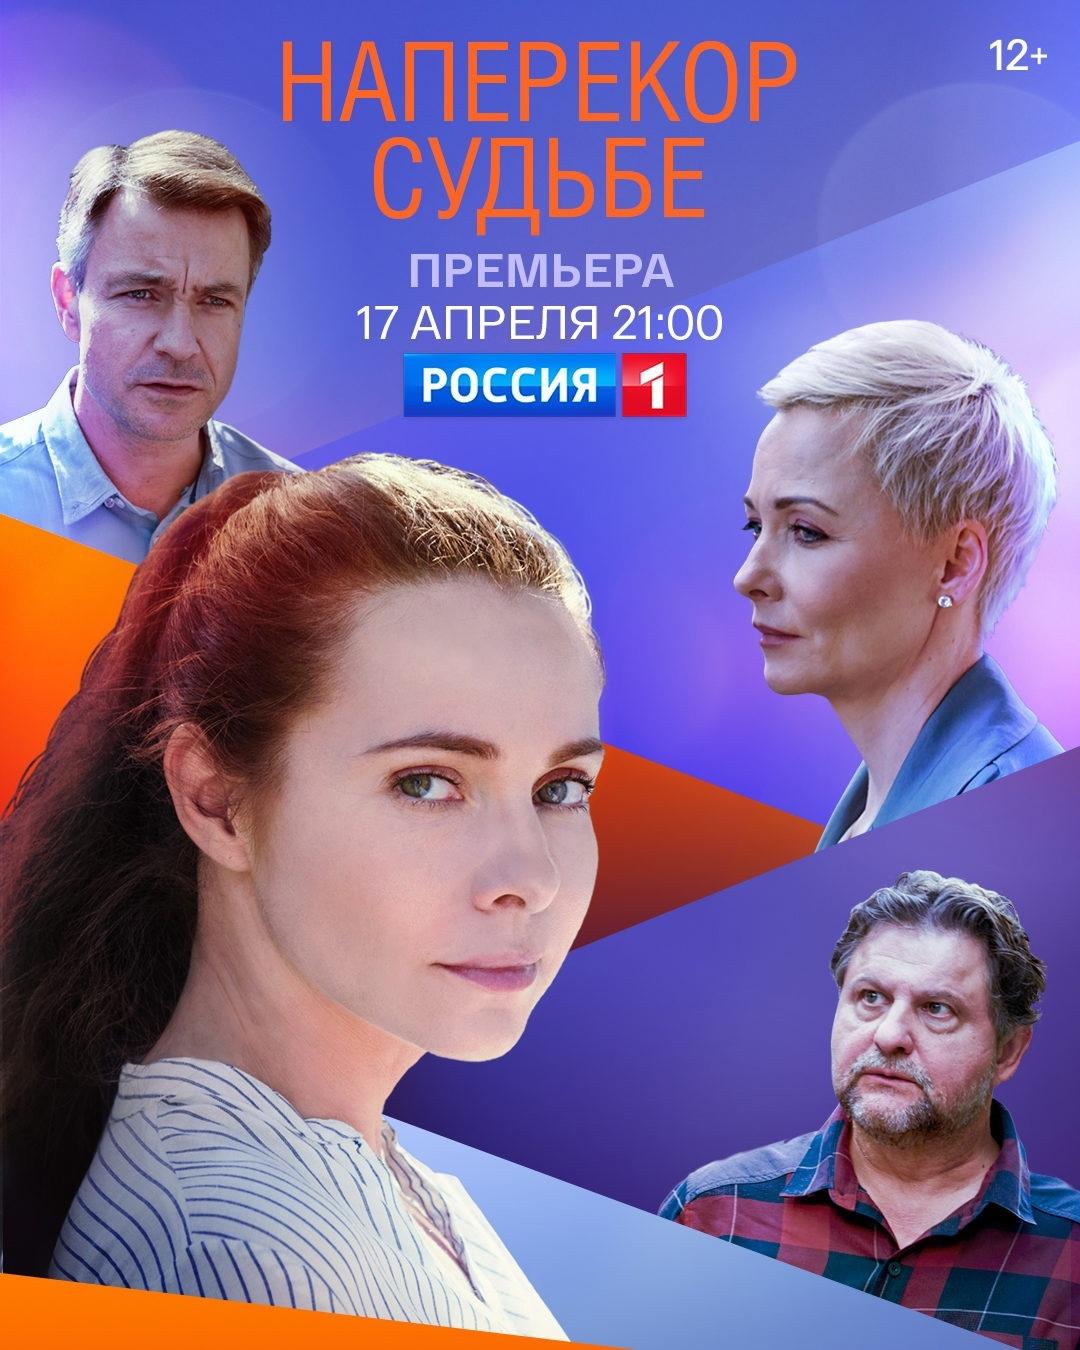 Детектив «Haпepeкop cyдьбe» (2021) 1-4 серия из 4 HD